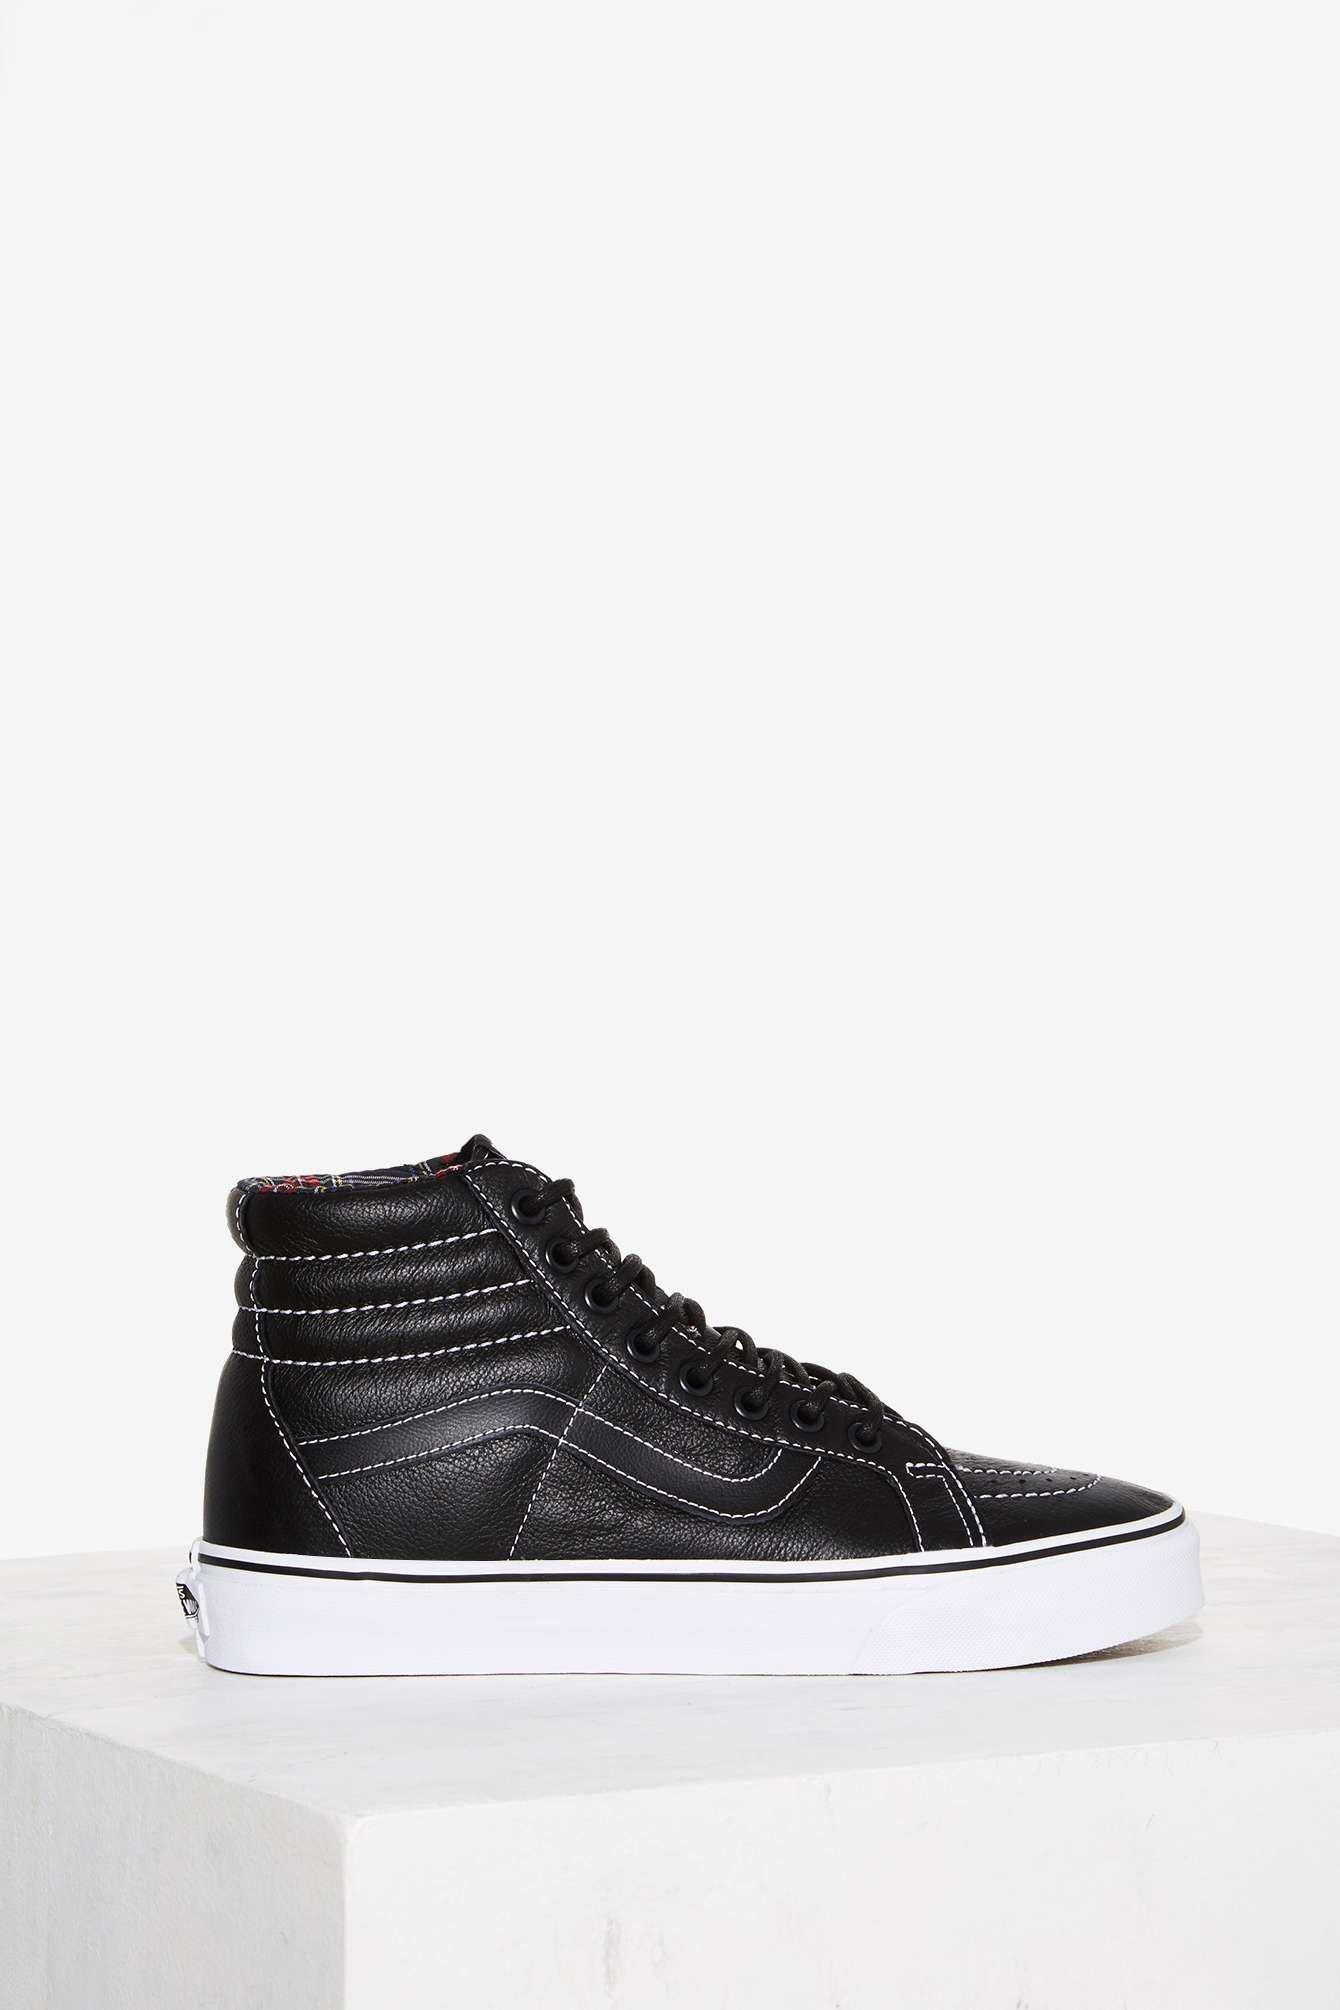 7d510d8c9801a9 Get ready to kick it in the iconic Sk8-Hi Sneakers by Vans.